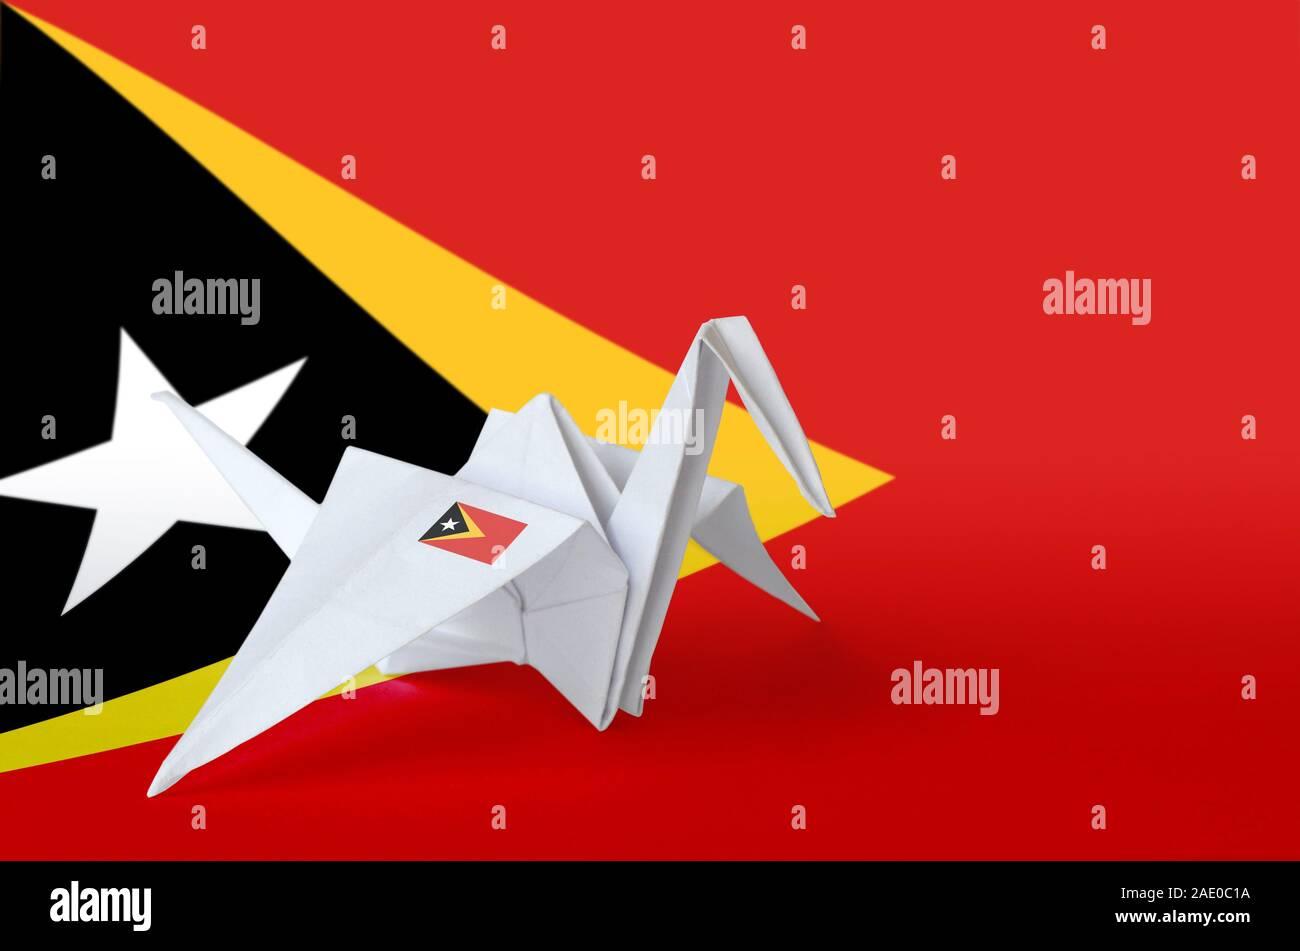 Drapeau Timor Leste représenté sur papier origami crane aile. Concept arts artisanaux orientaux Banque D'Images